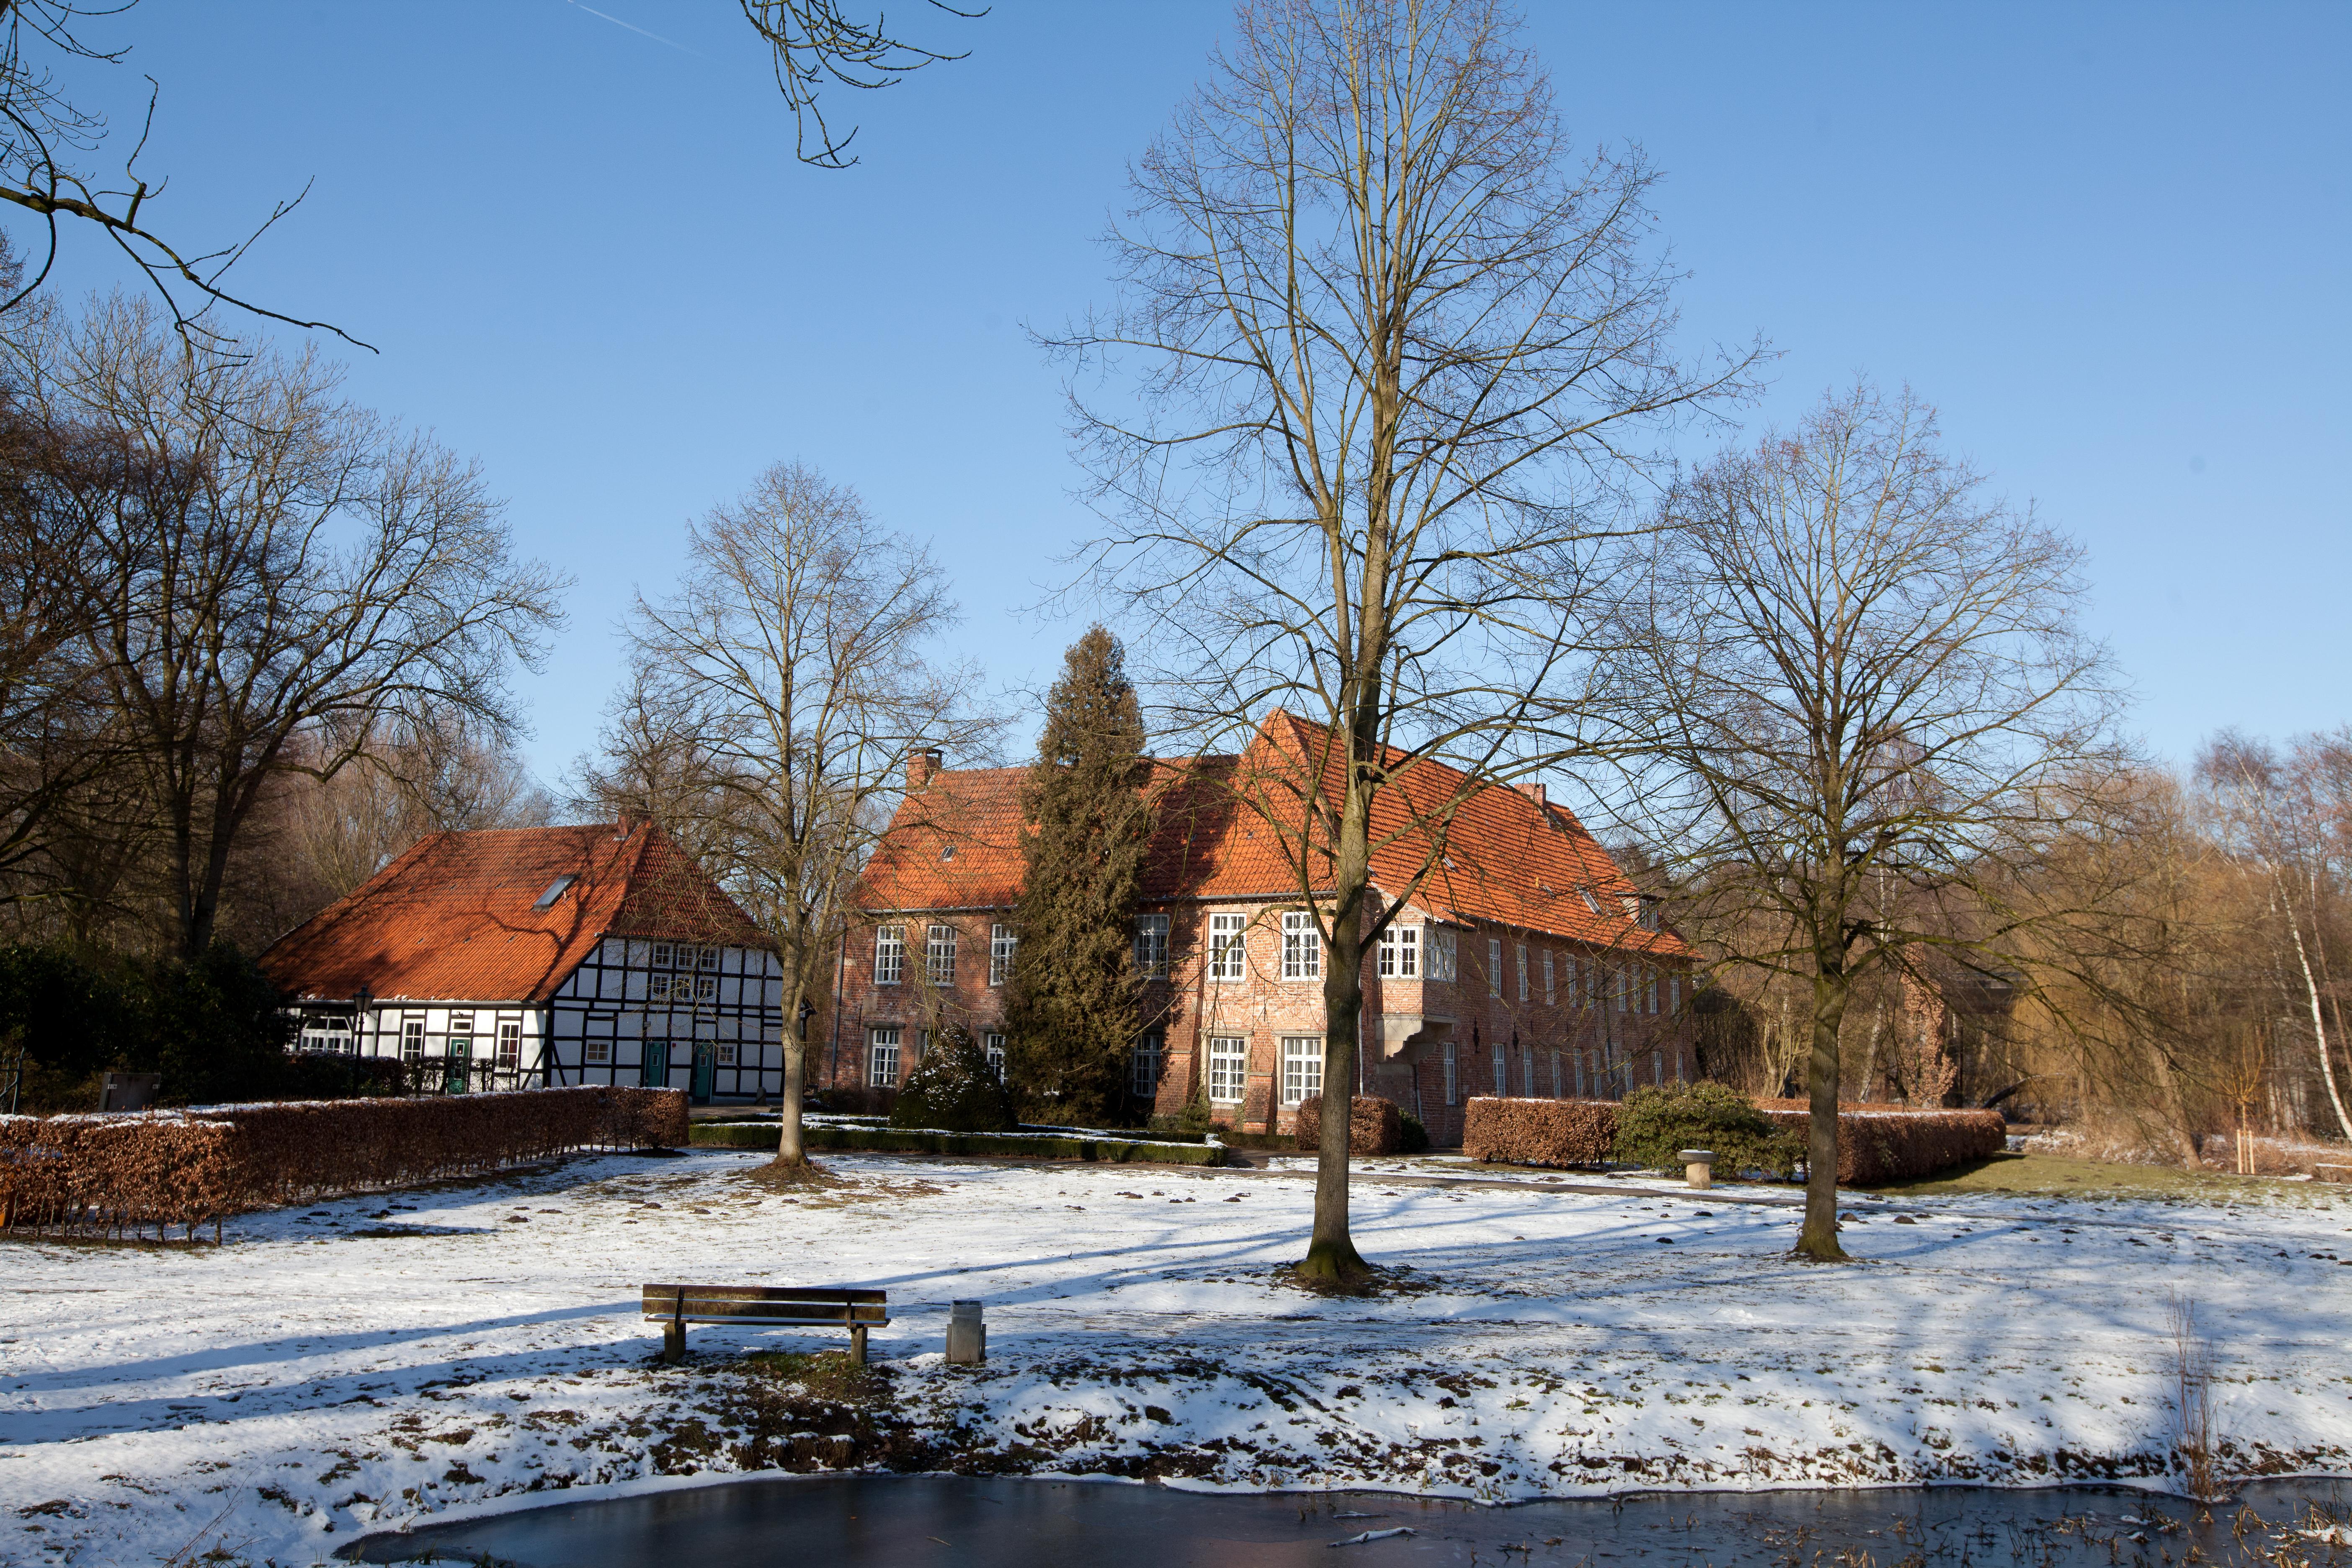 Gebäude-Ensemble Kränholm, bestehend aus alten Höfen.